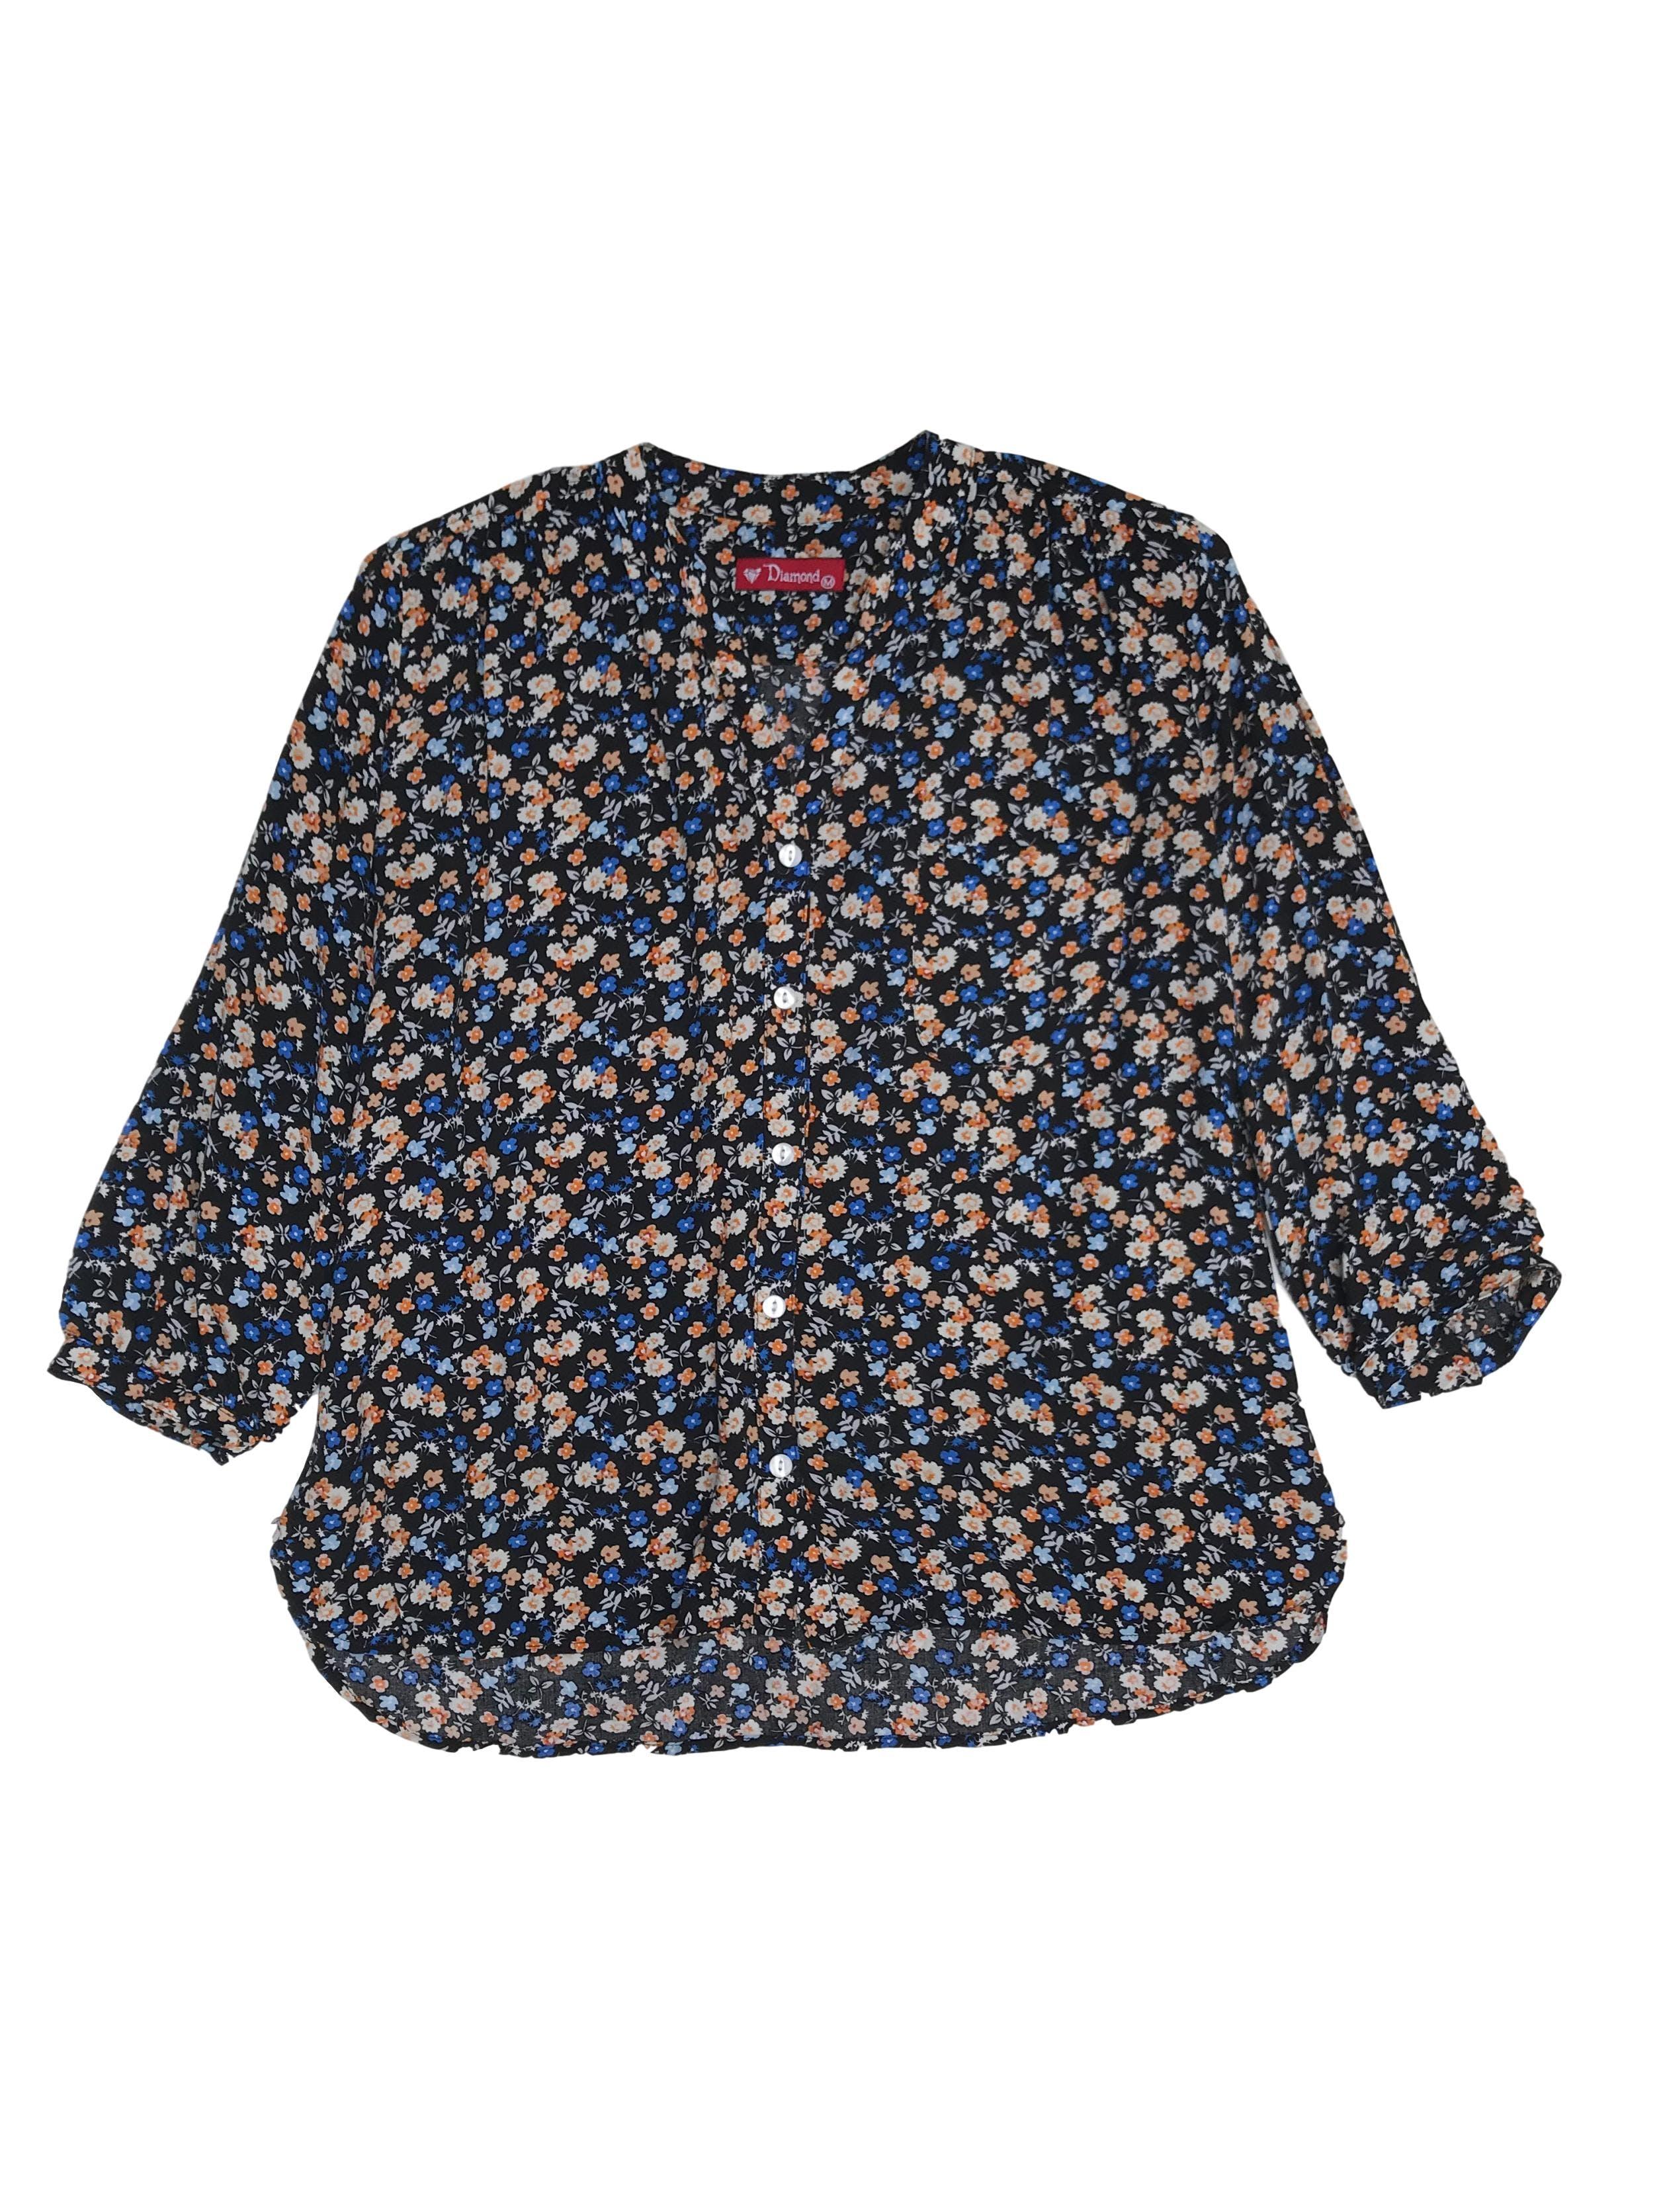 Blusa tipo chalis negra con estampado de florcitas, escote en V con fila de botones, bolsillo delantero y mangas 3/4